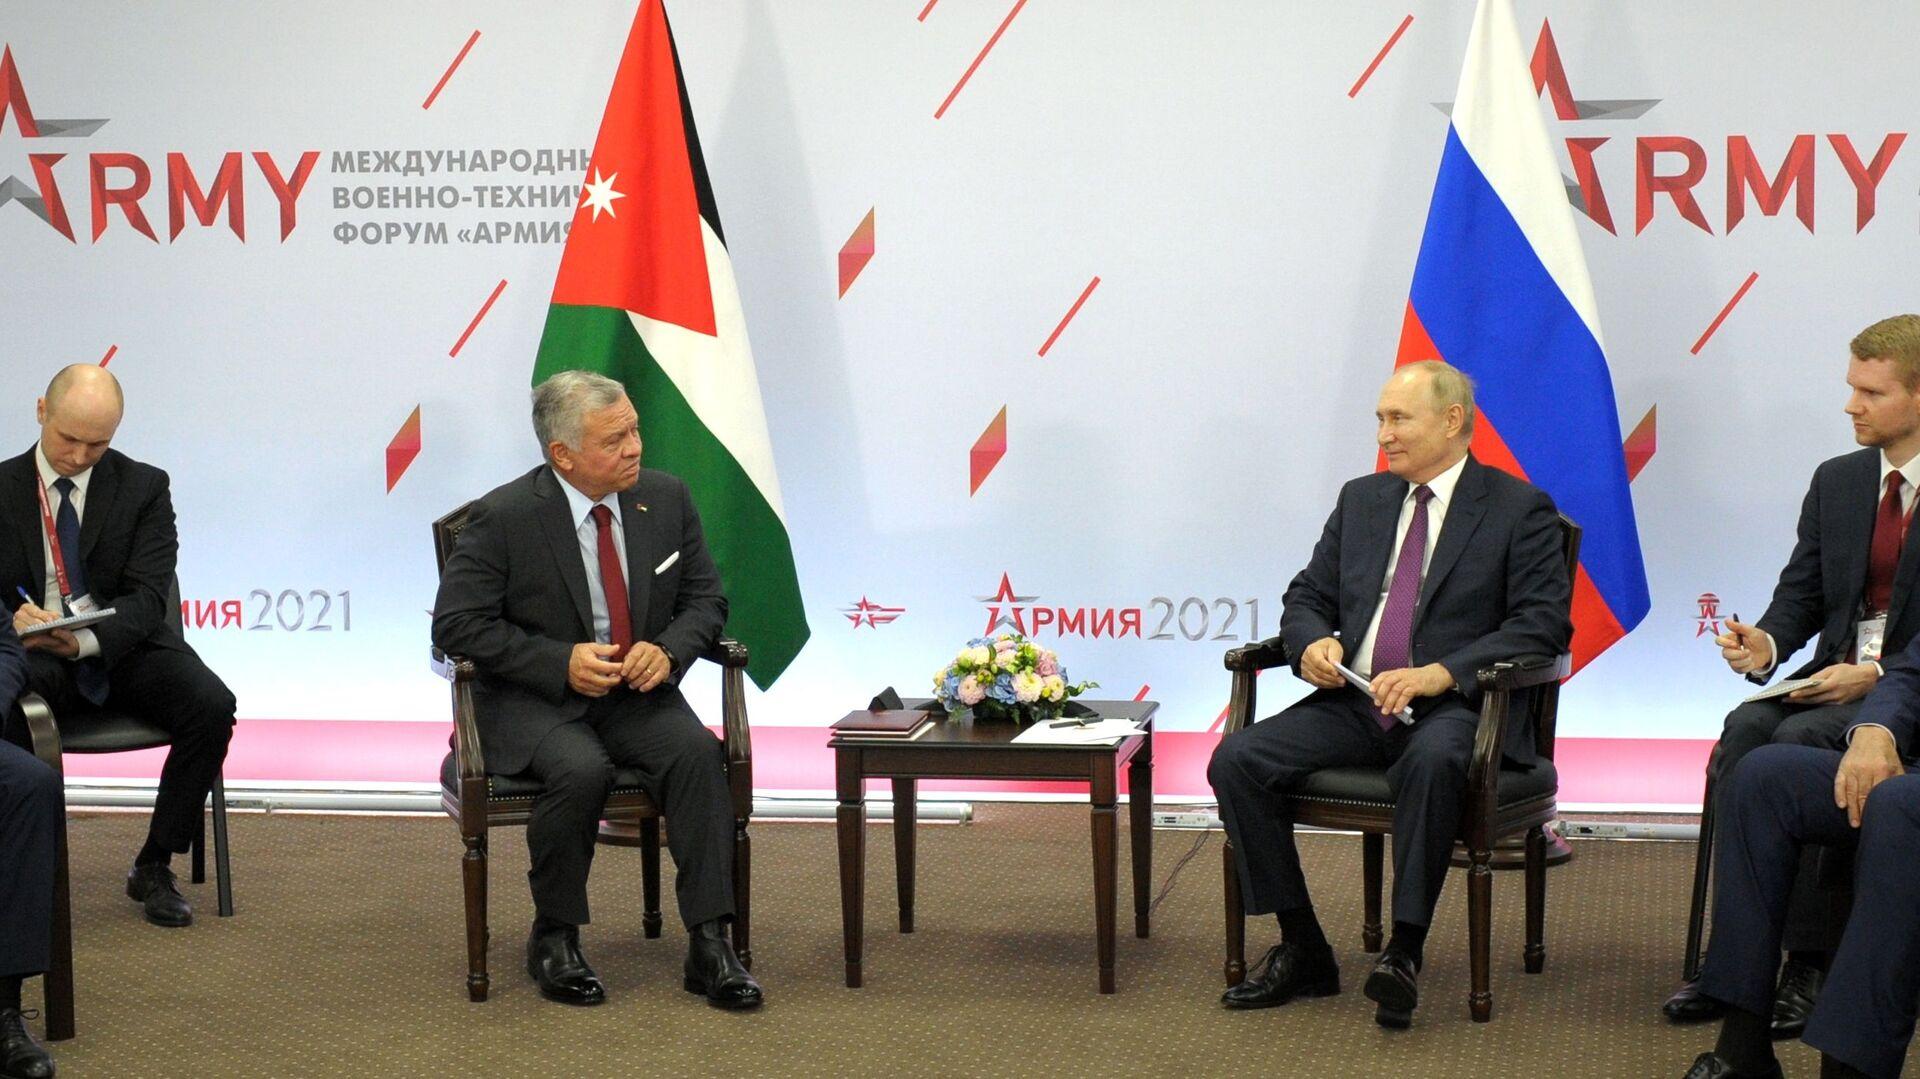 Król Jordanii Abdullah II i Władimir Putin podczas otwarcia Army-2021 - Sputnik Polska, 1920, 06.09.2021